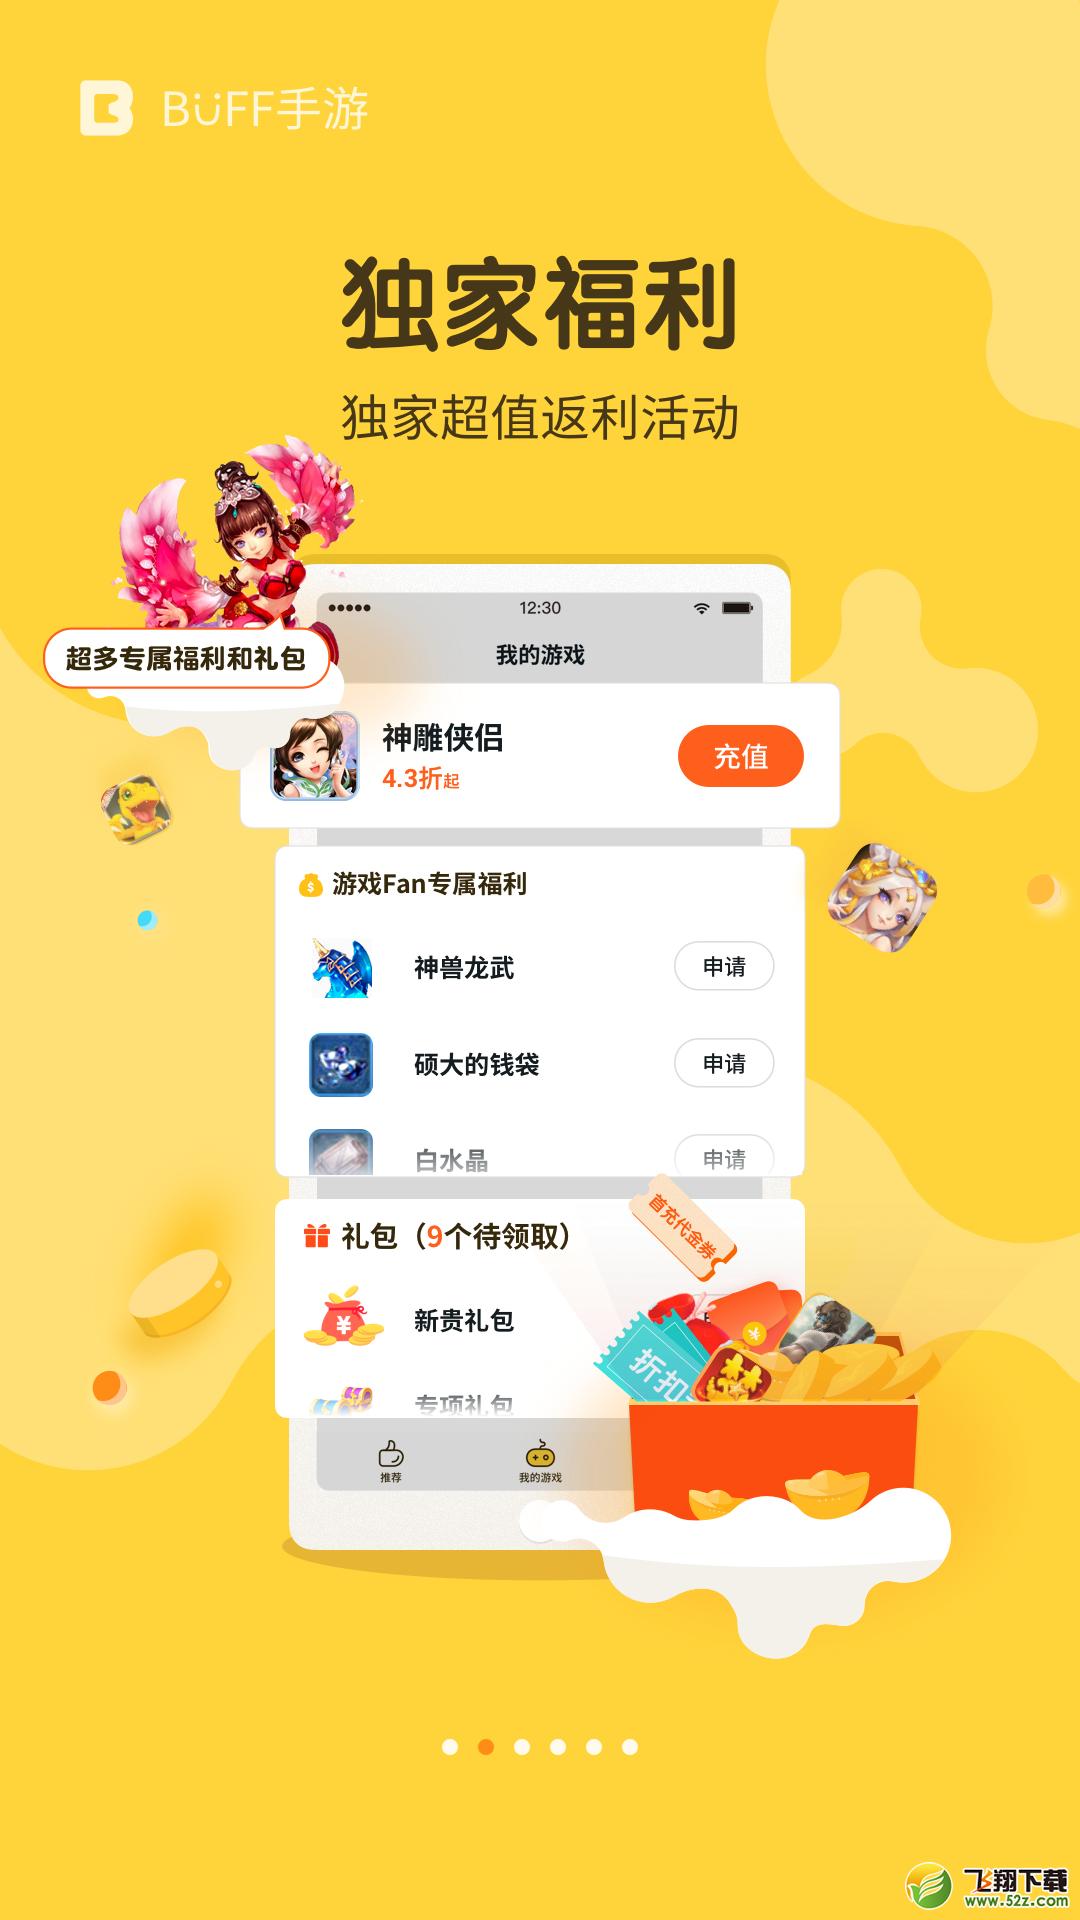 BUFF手游V2.2.0 ios版_52z.com